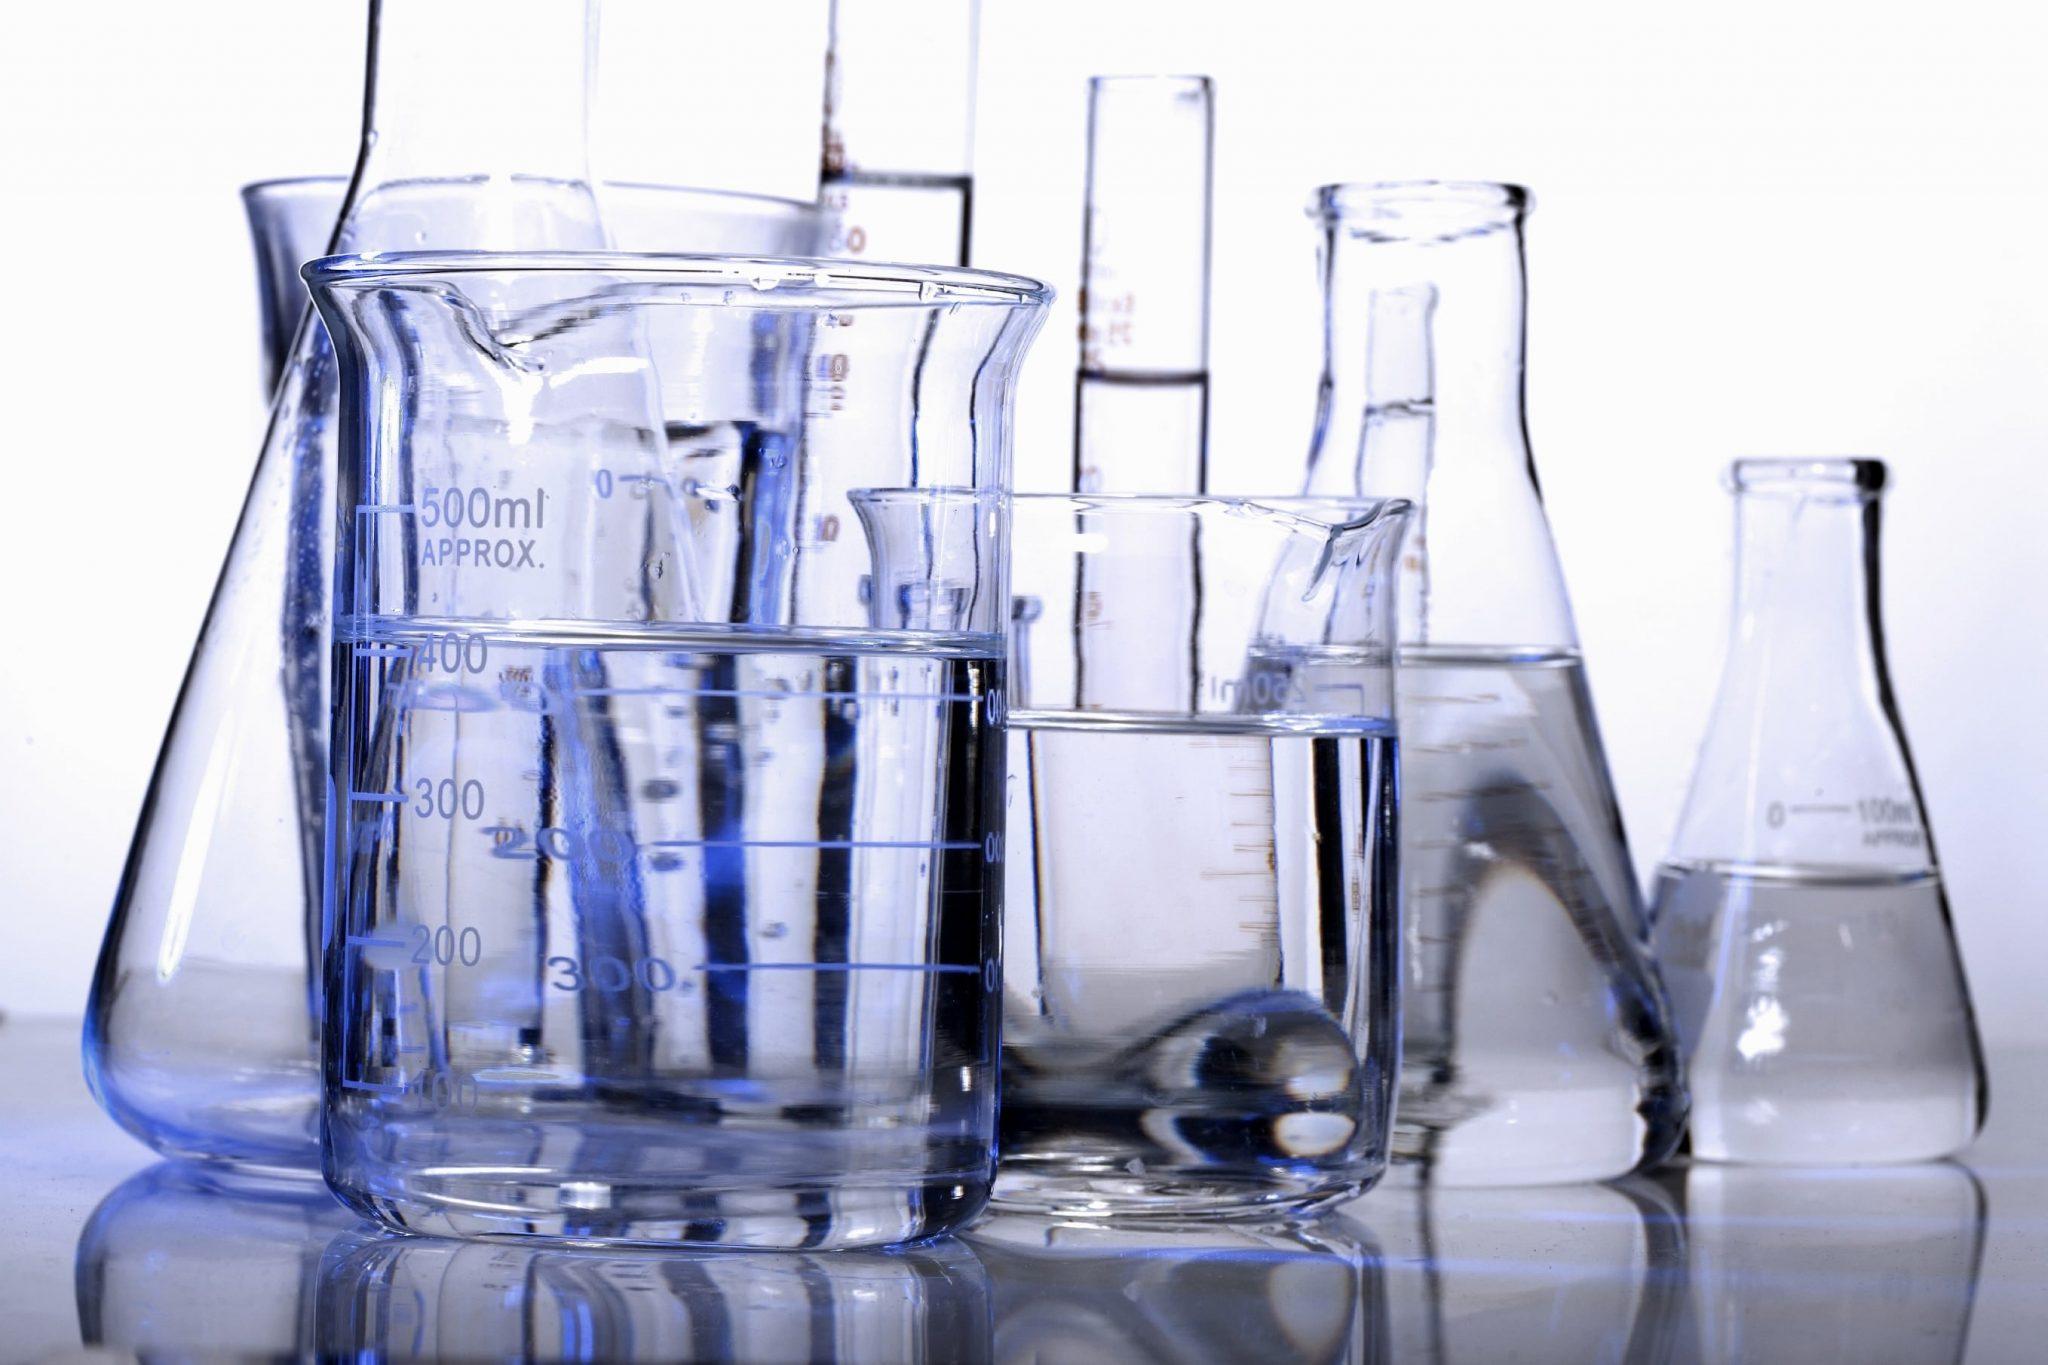 ساخت ظرف های شیشه ای ازمایشگاه - استوارسازان